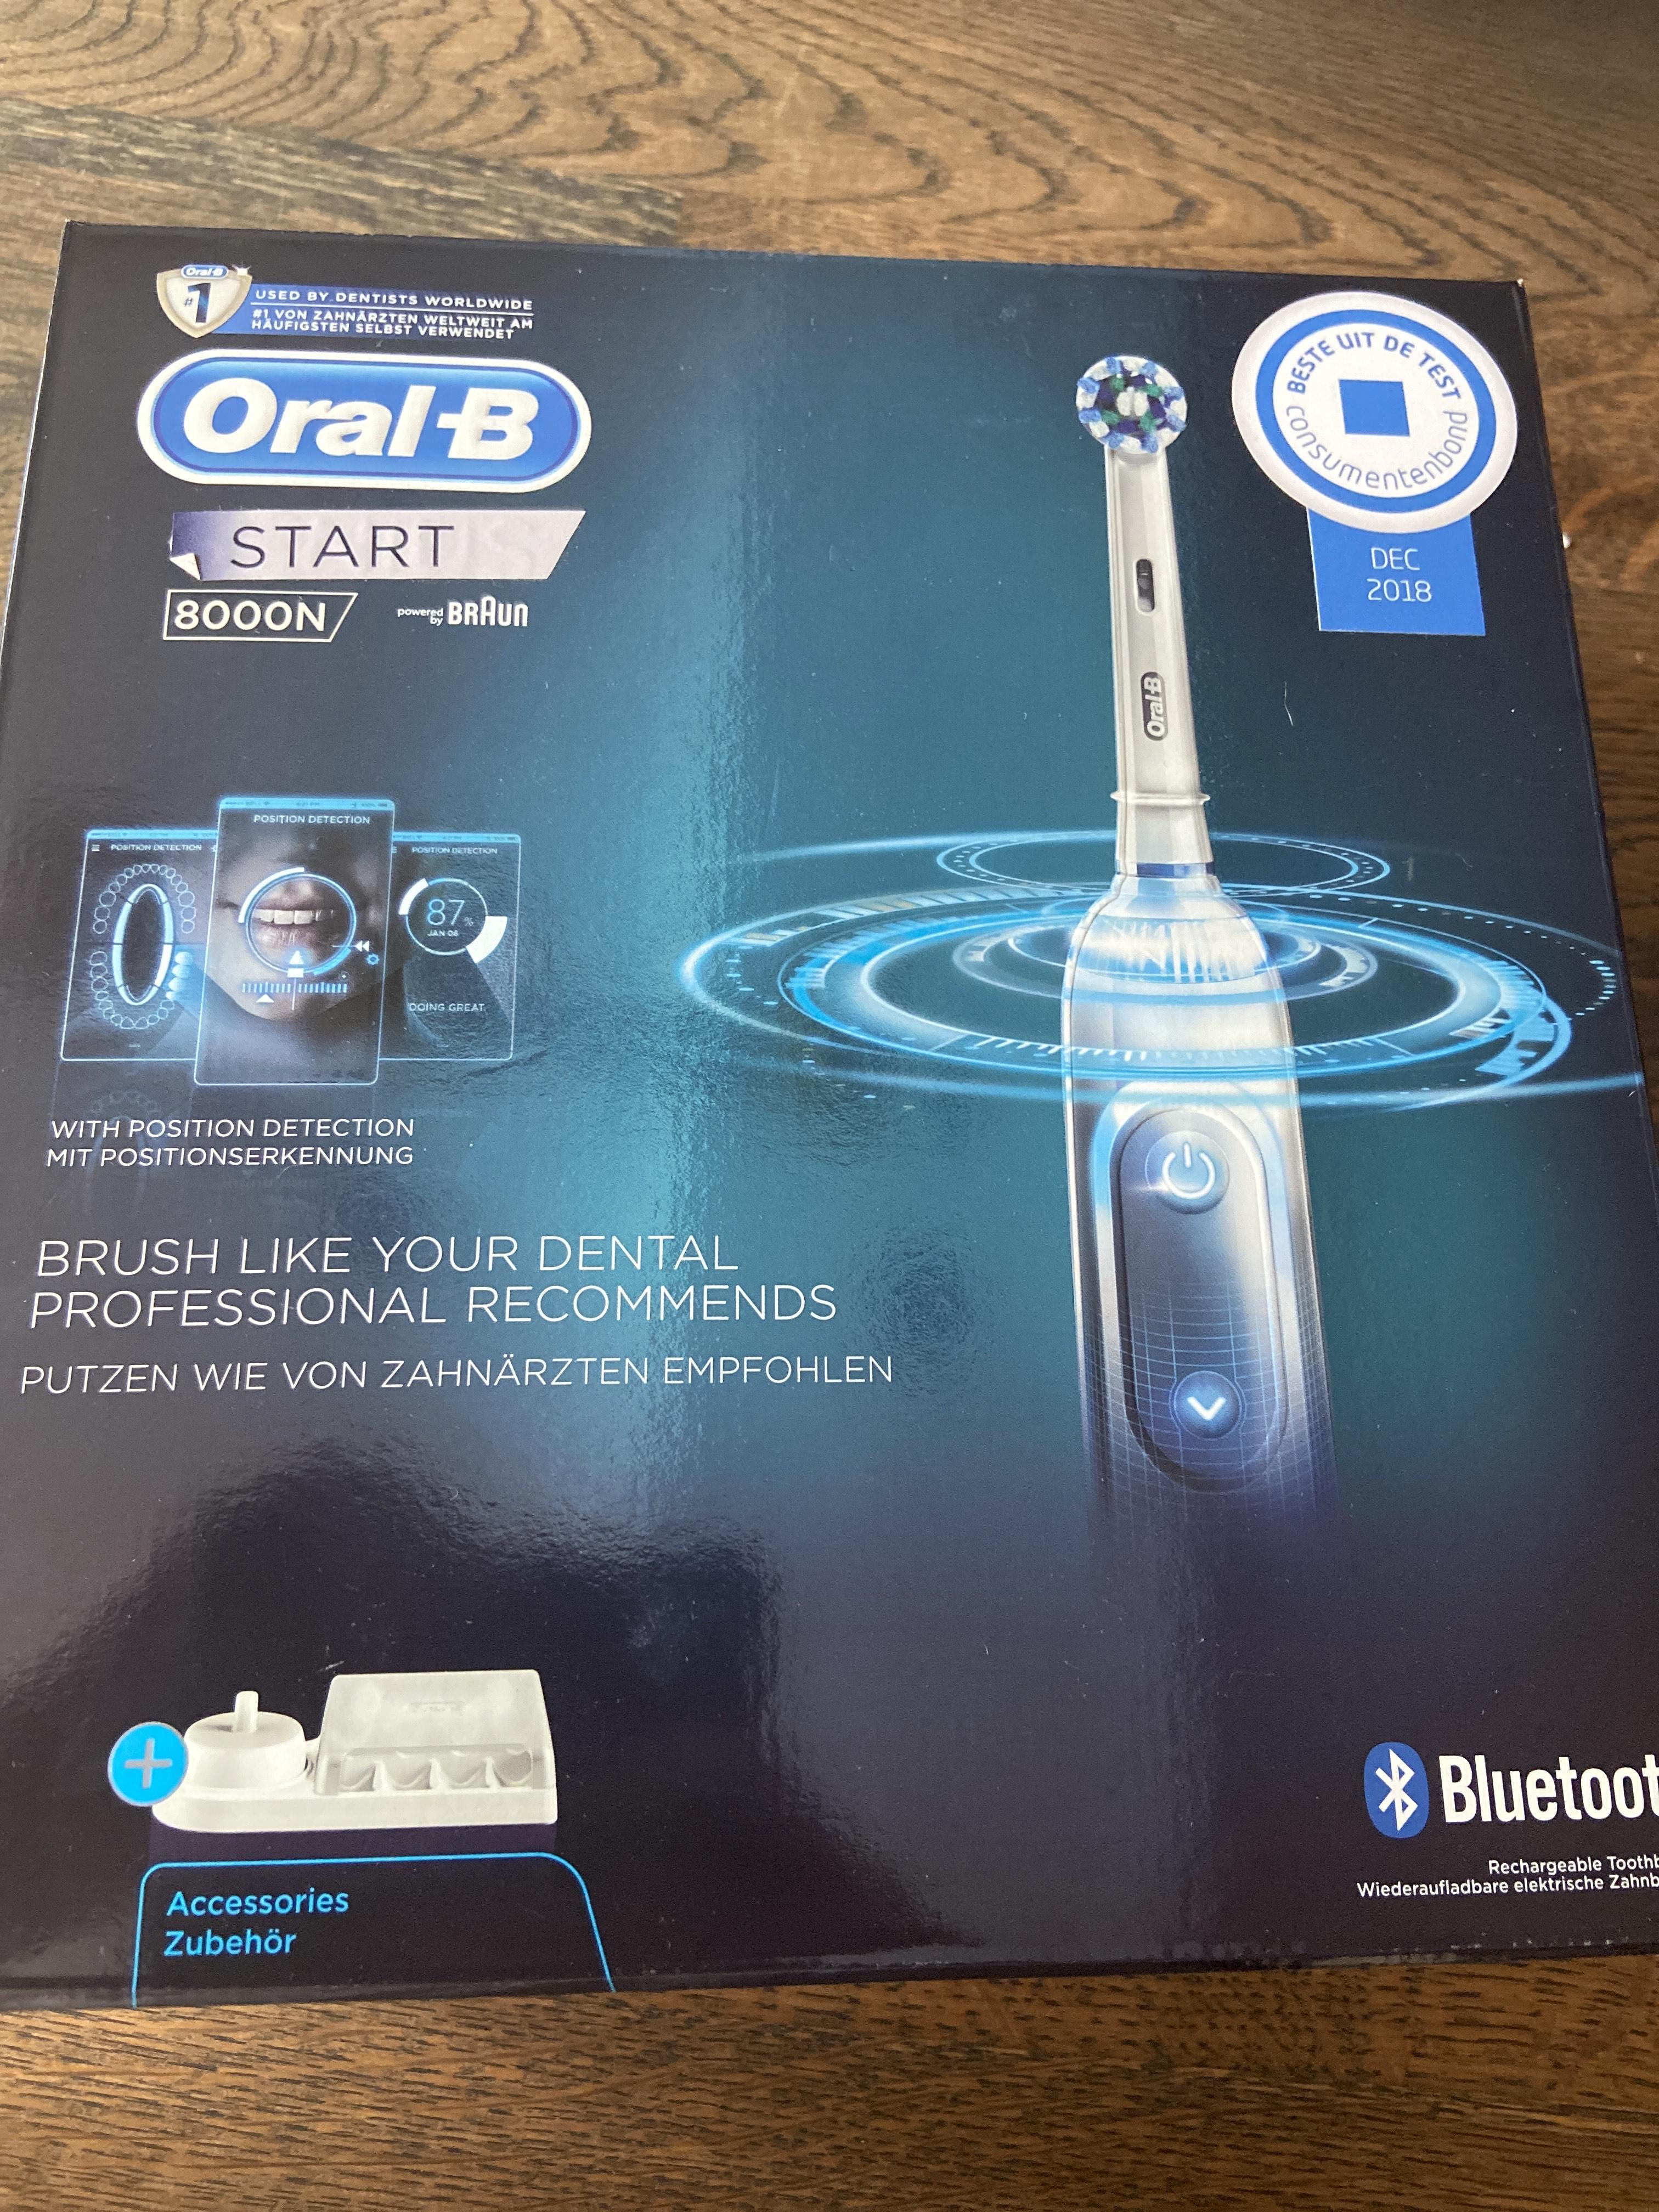 [kruidvat] Oral-b elektrische tandenborstel genius start nu €37,49